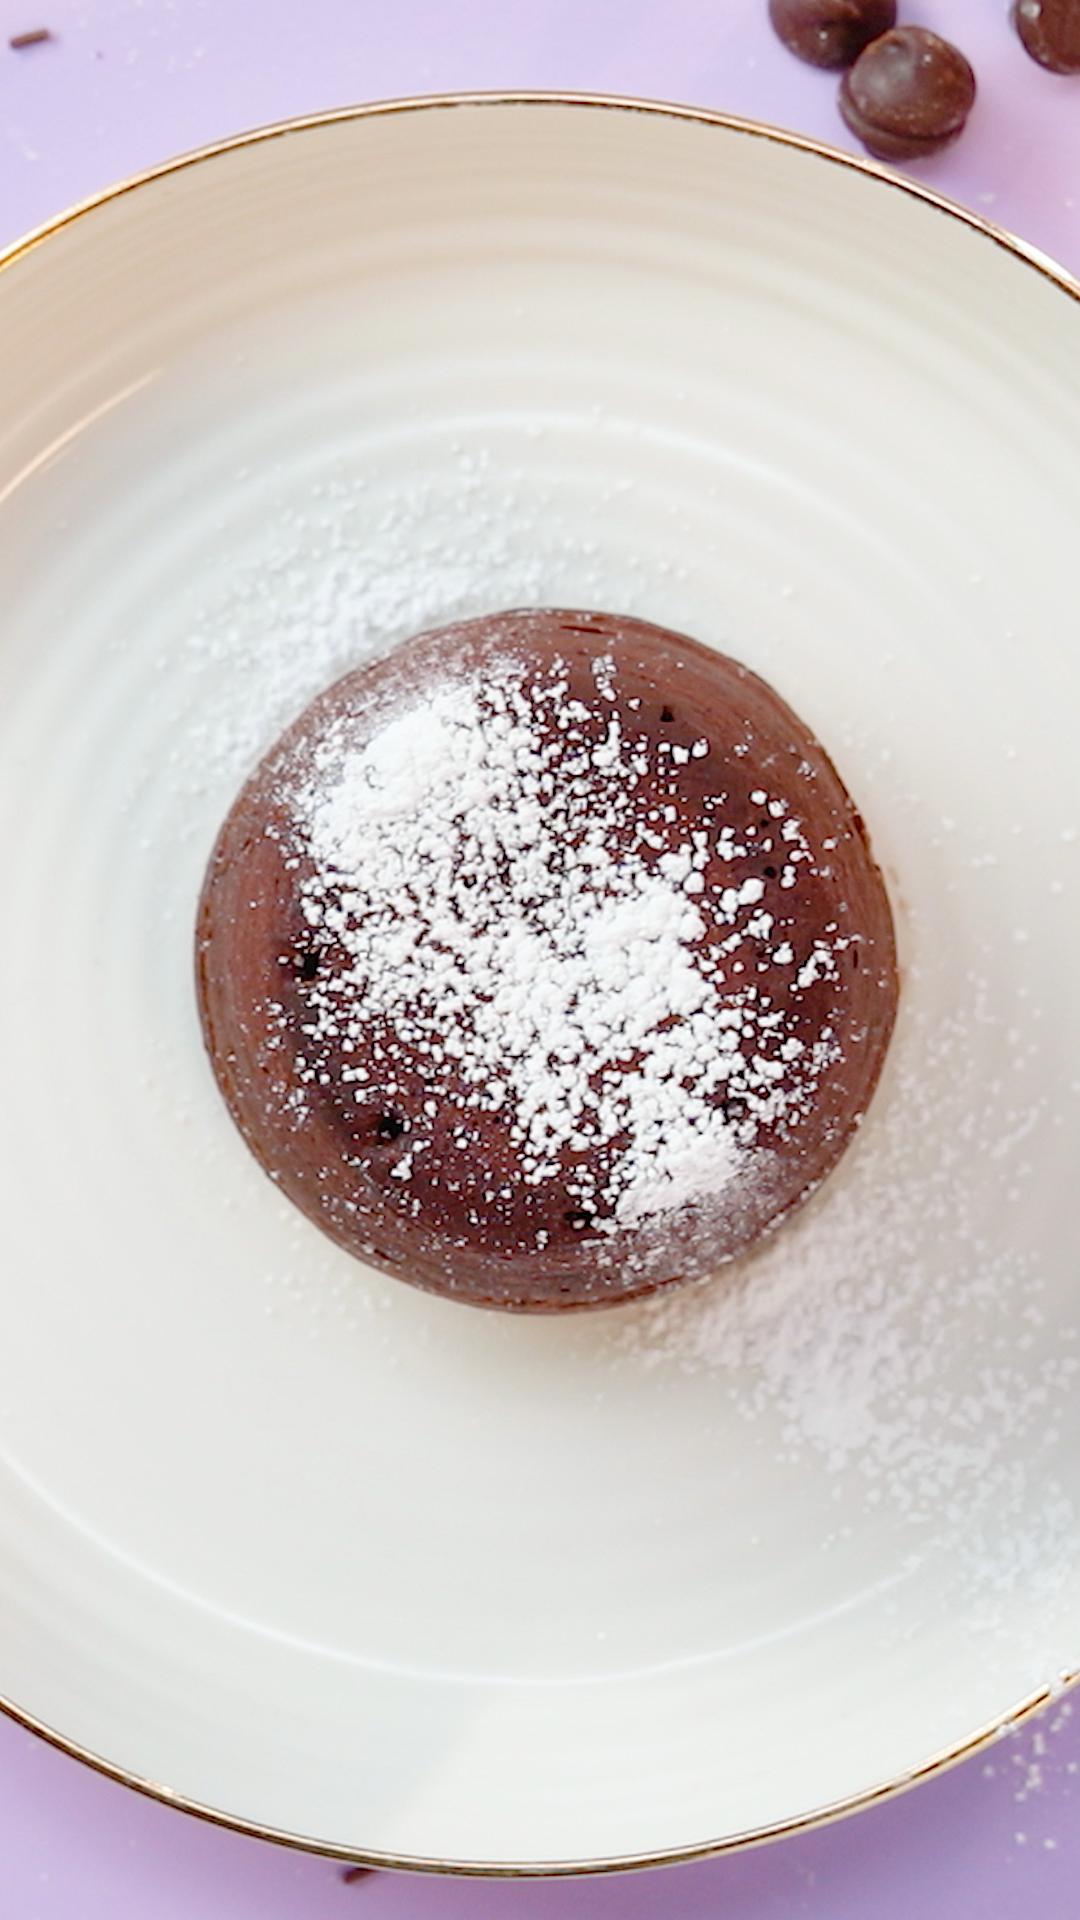 Chocolate Molten Lava Cakes This easy molten lava